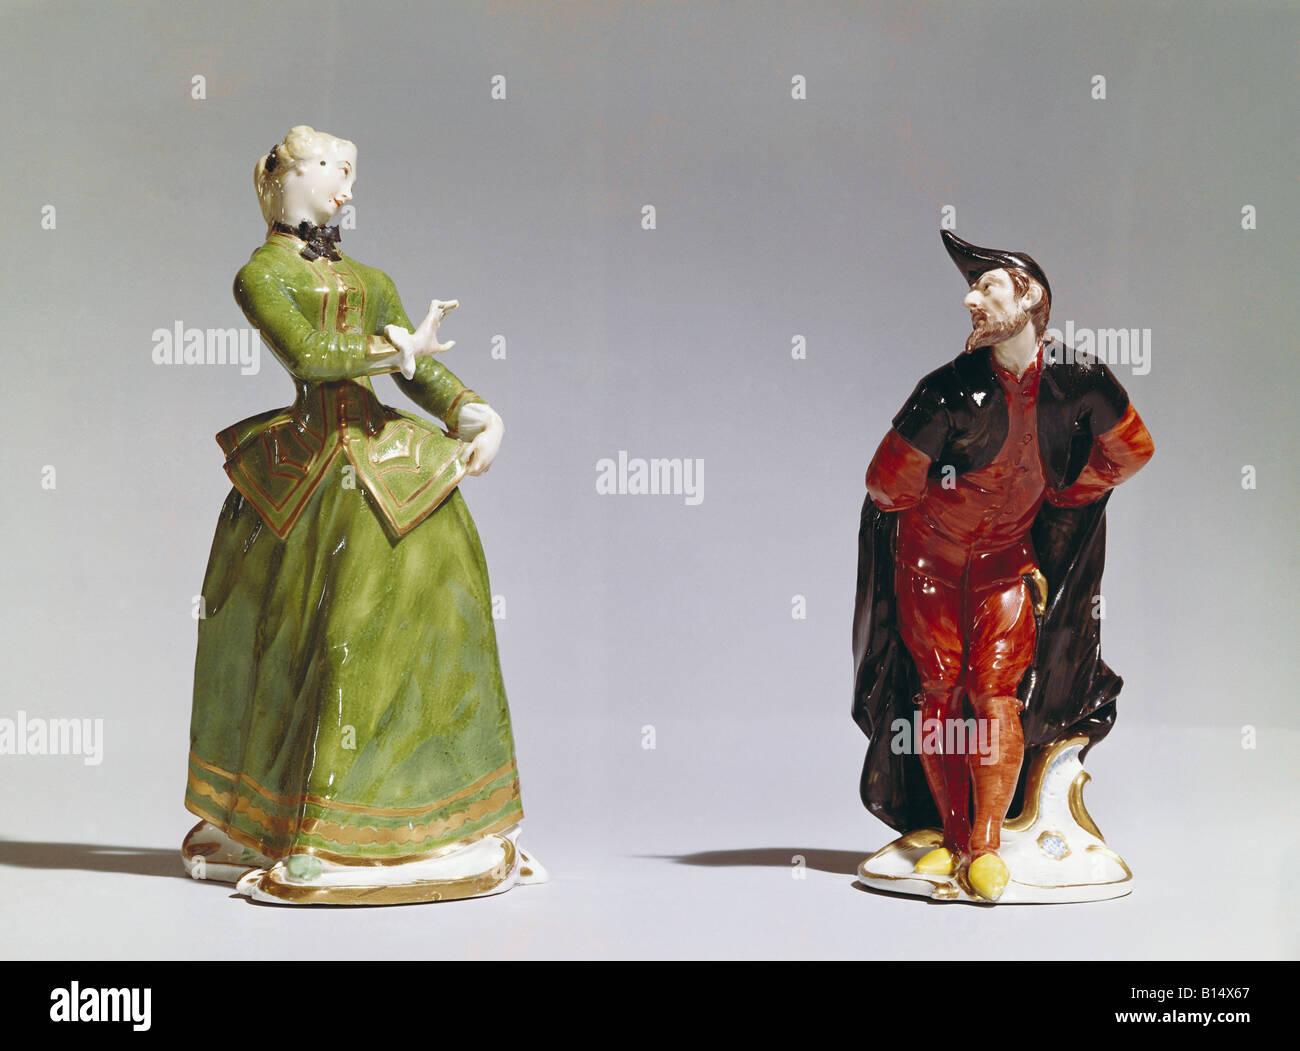 Belle arti, Bustelli Franz Anton, 12.4.1723 - 18.4.1763, sculture, 'Julia e Pantalone', circa 1750, porcellana, Immagini Stock